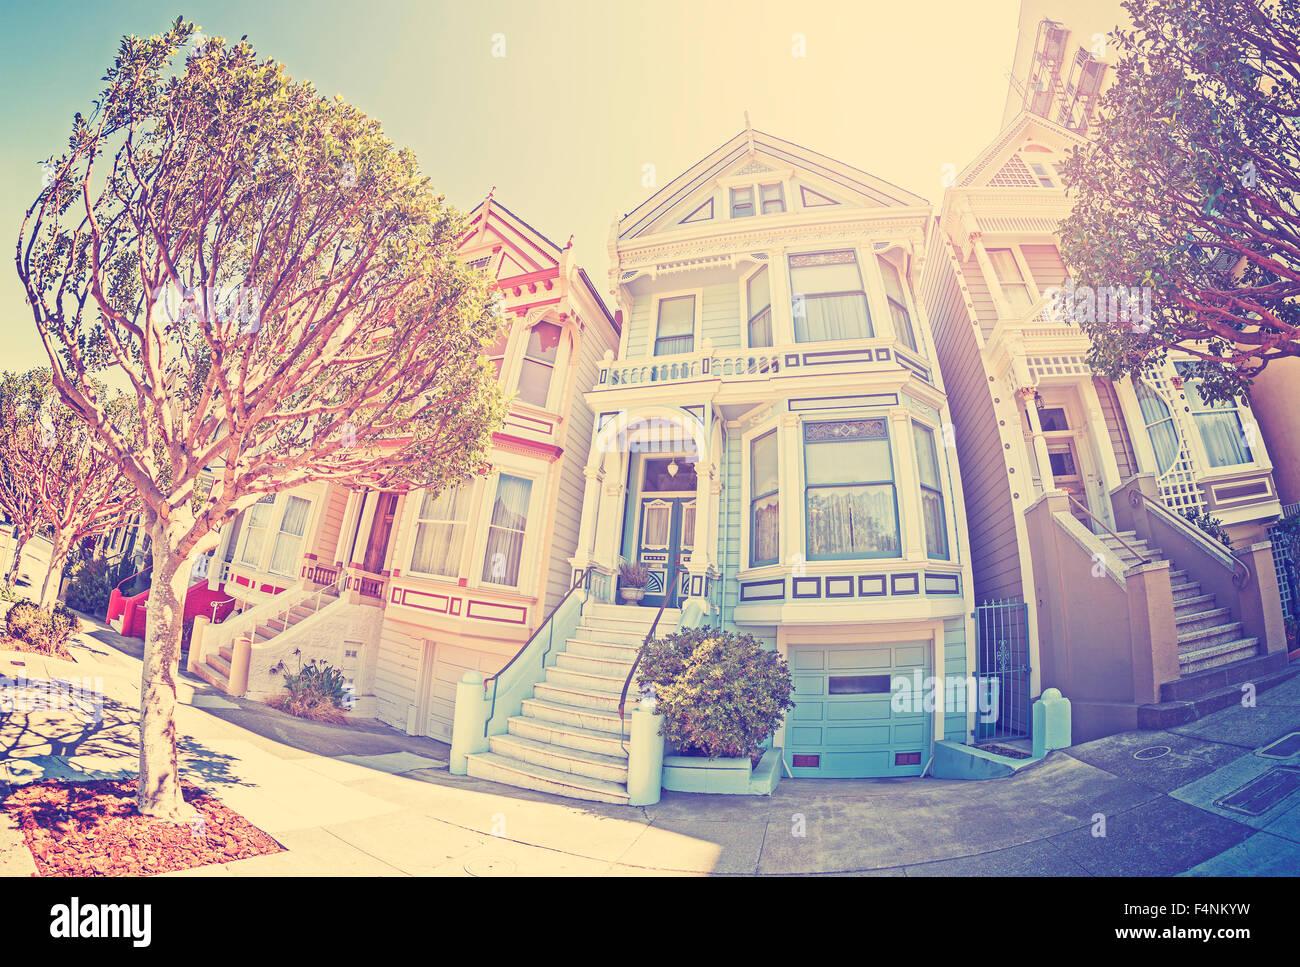 Lente ojo de pez estilizado Vintage foto de la calle de Las Damas Pintadas, San Francisco, EE.UU. Imagen De Stock